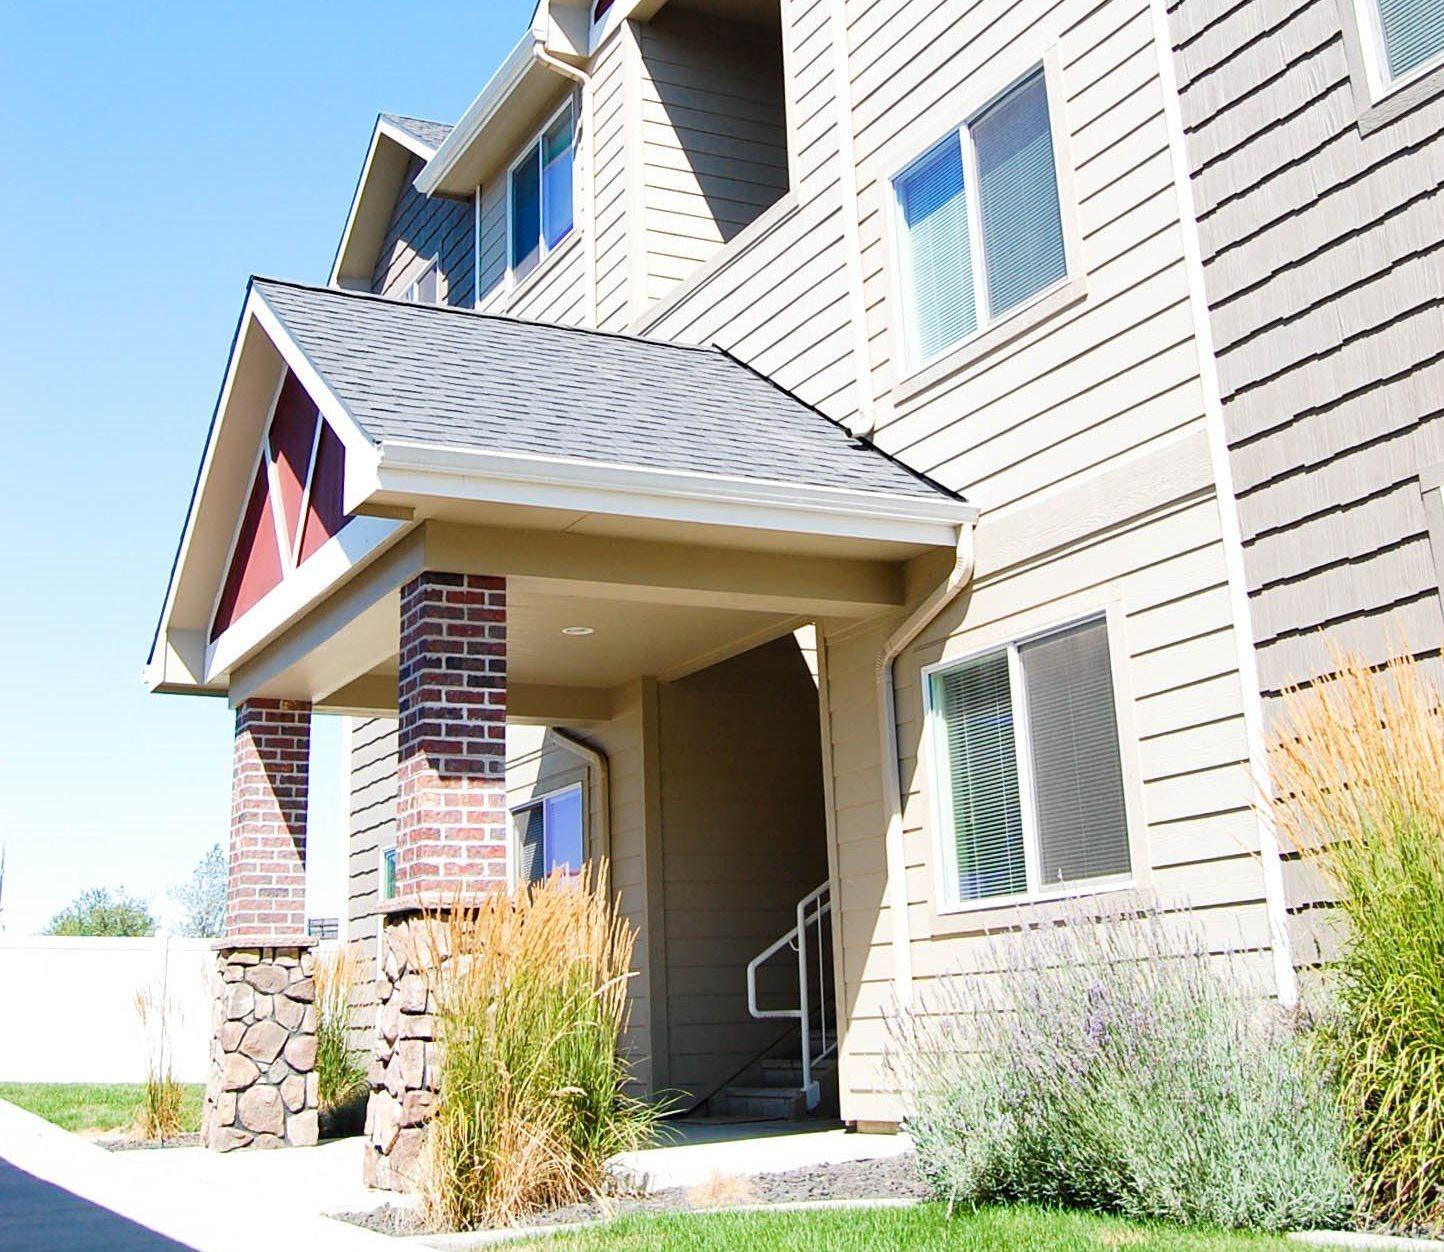 Apartments In Spokane Valley, Washington 99206